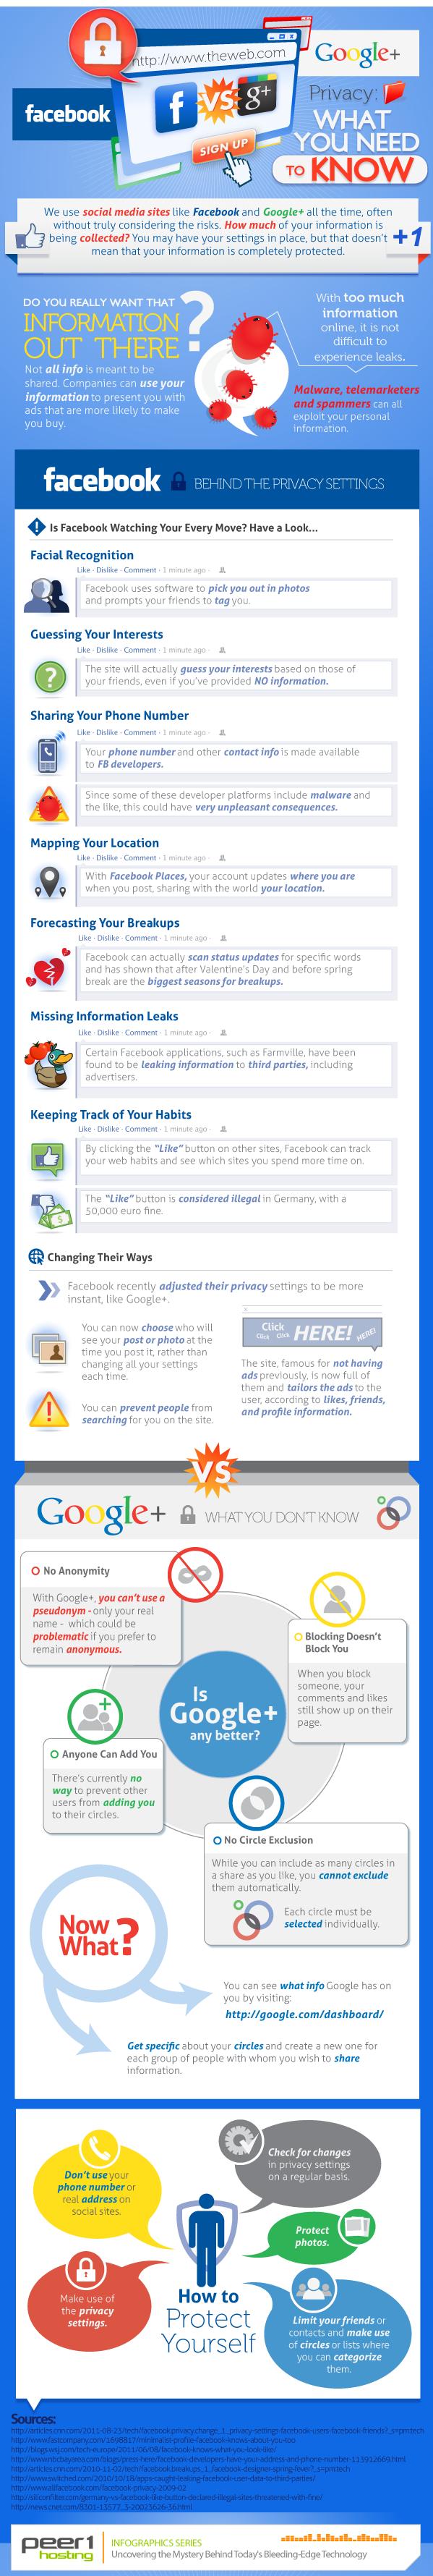 Ce qu'il faut savoir sur la gestion de la vie privée avec Google + et Facebook